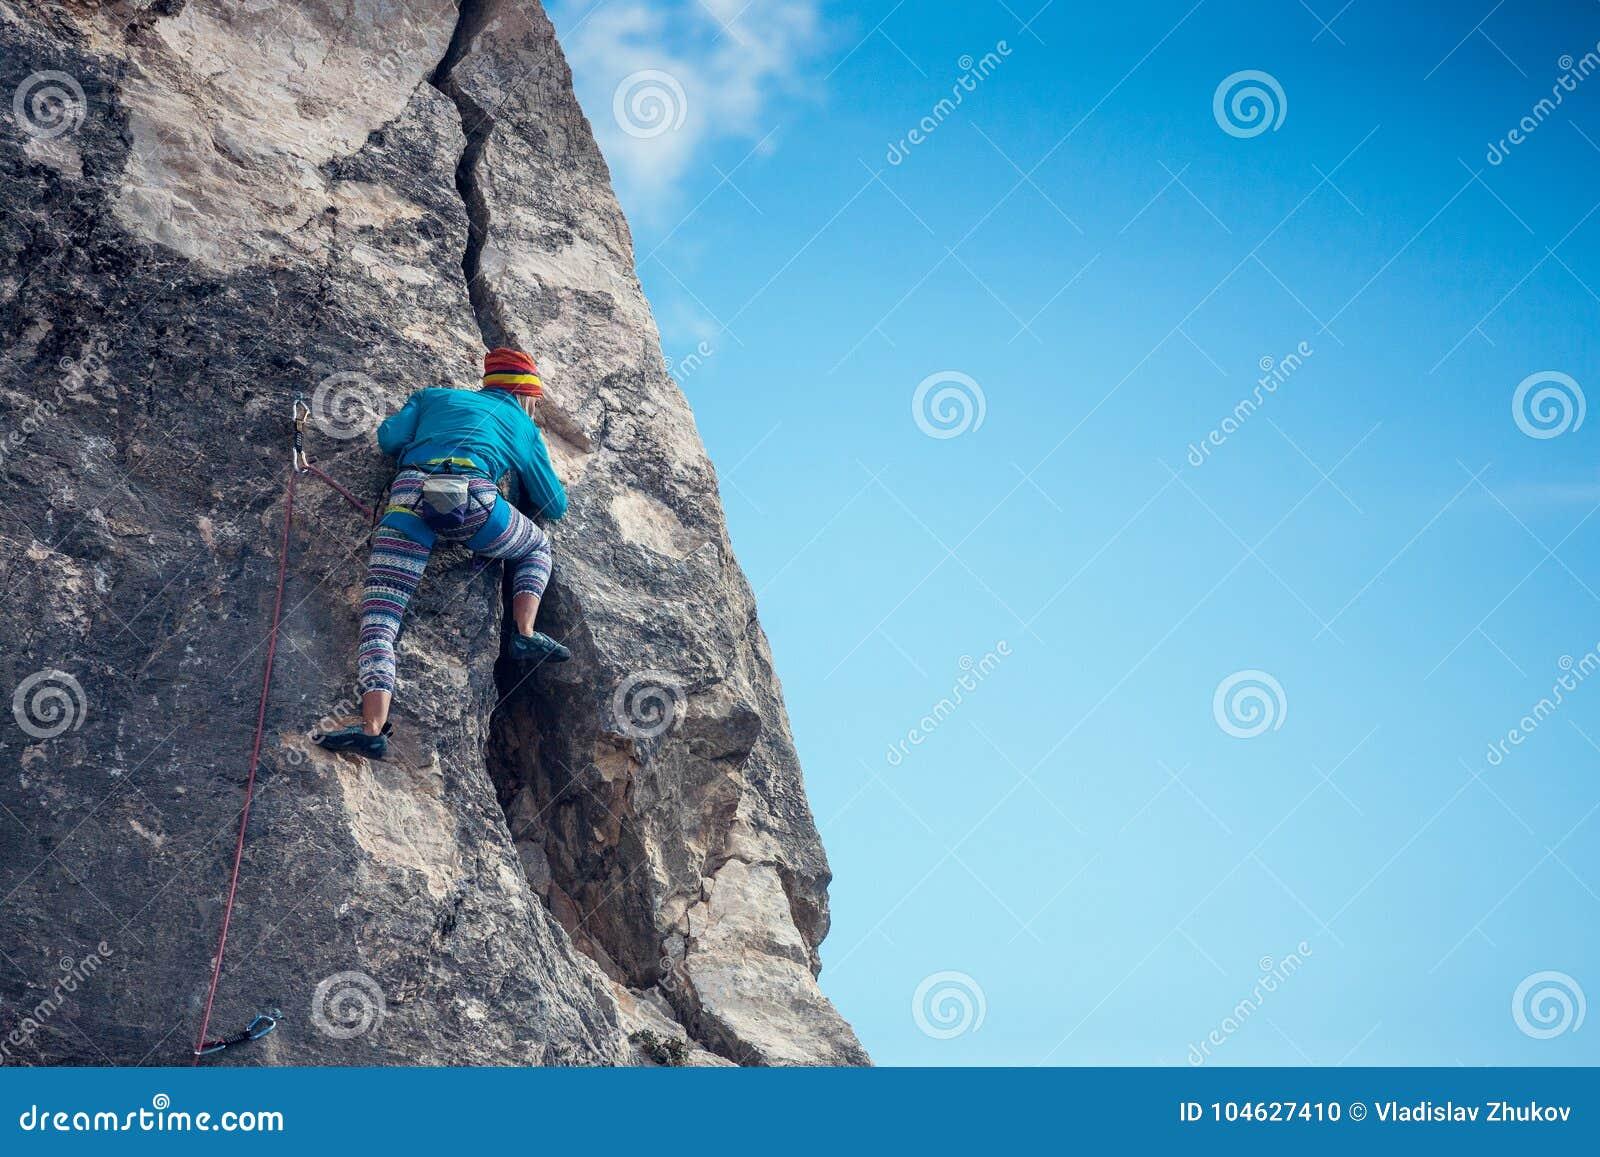 Download Het meisje beklimt de rots stock foto. Afbeelding bestaande uit climber - 104627410